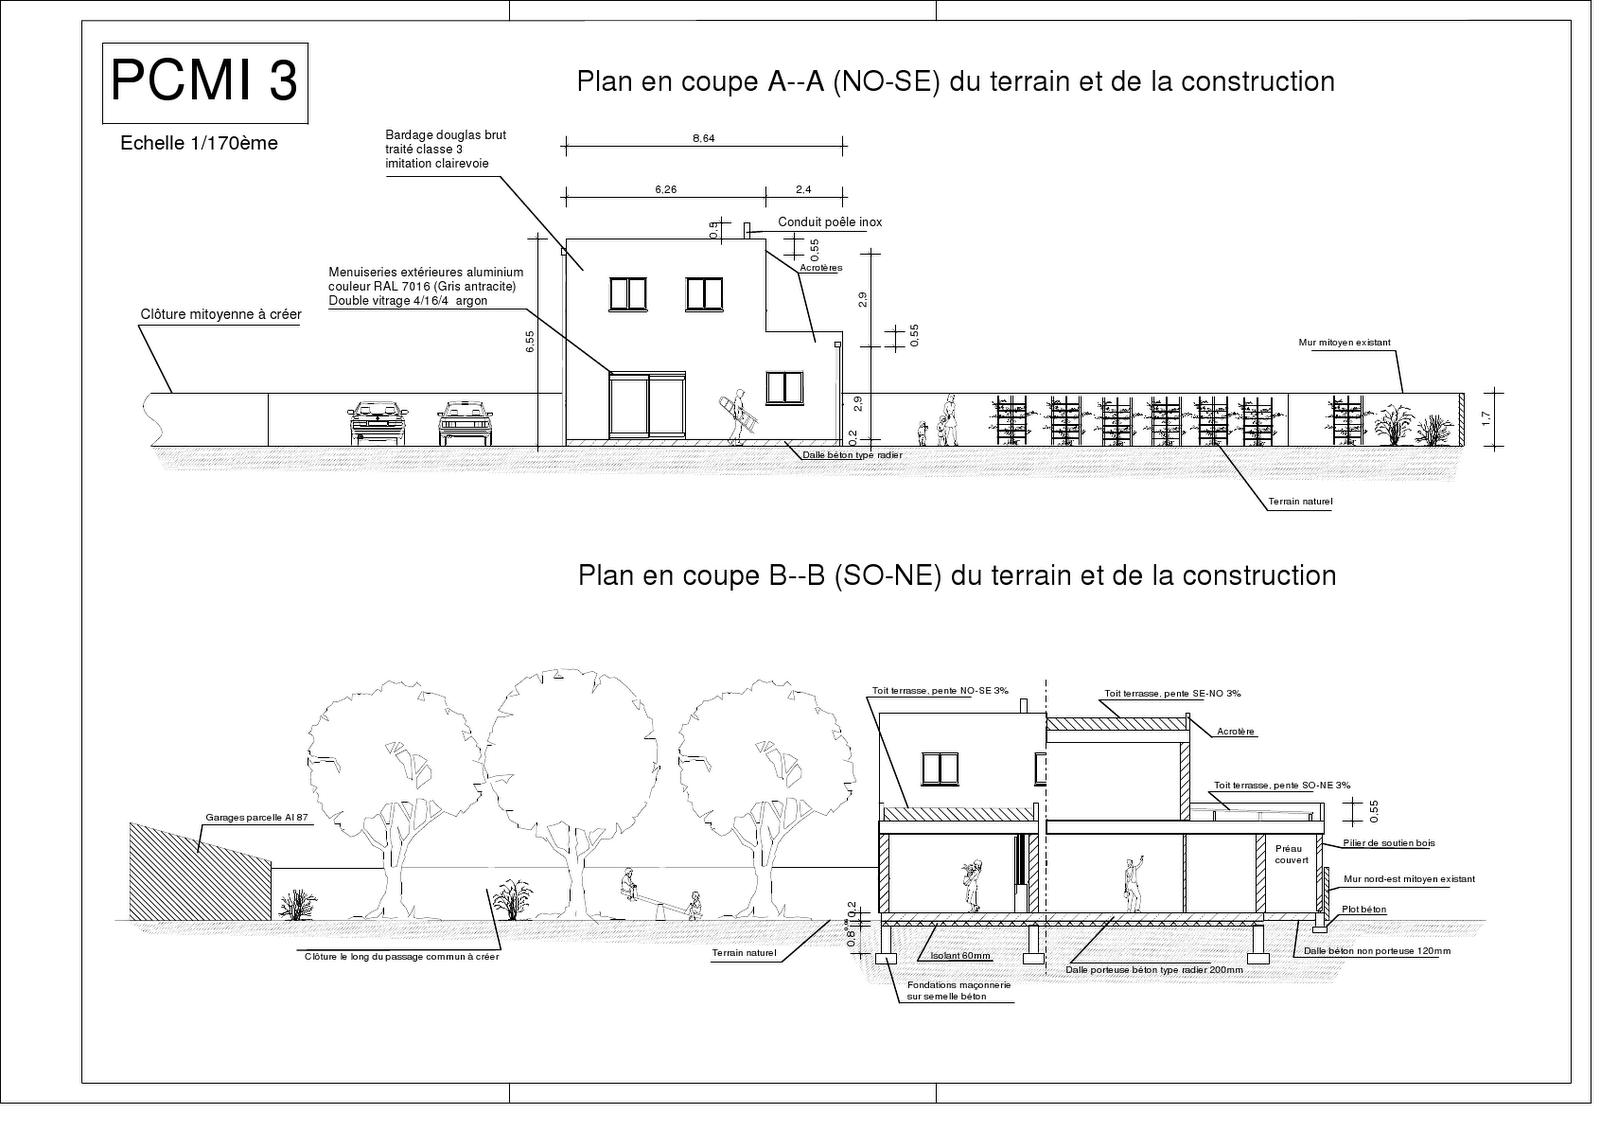 Une maison en bois le permis de construire - Plan en coupe terrain et construction ...